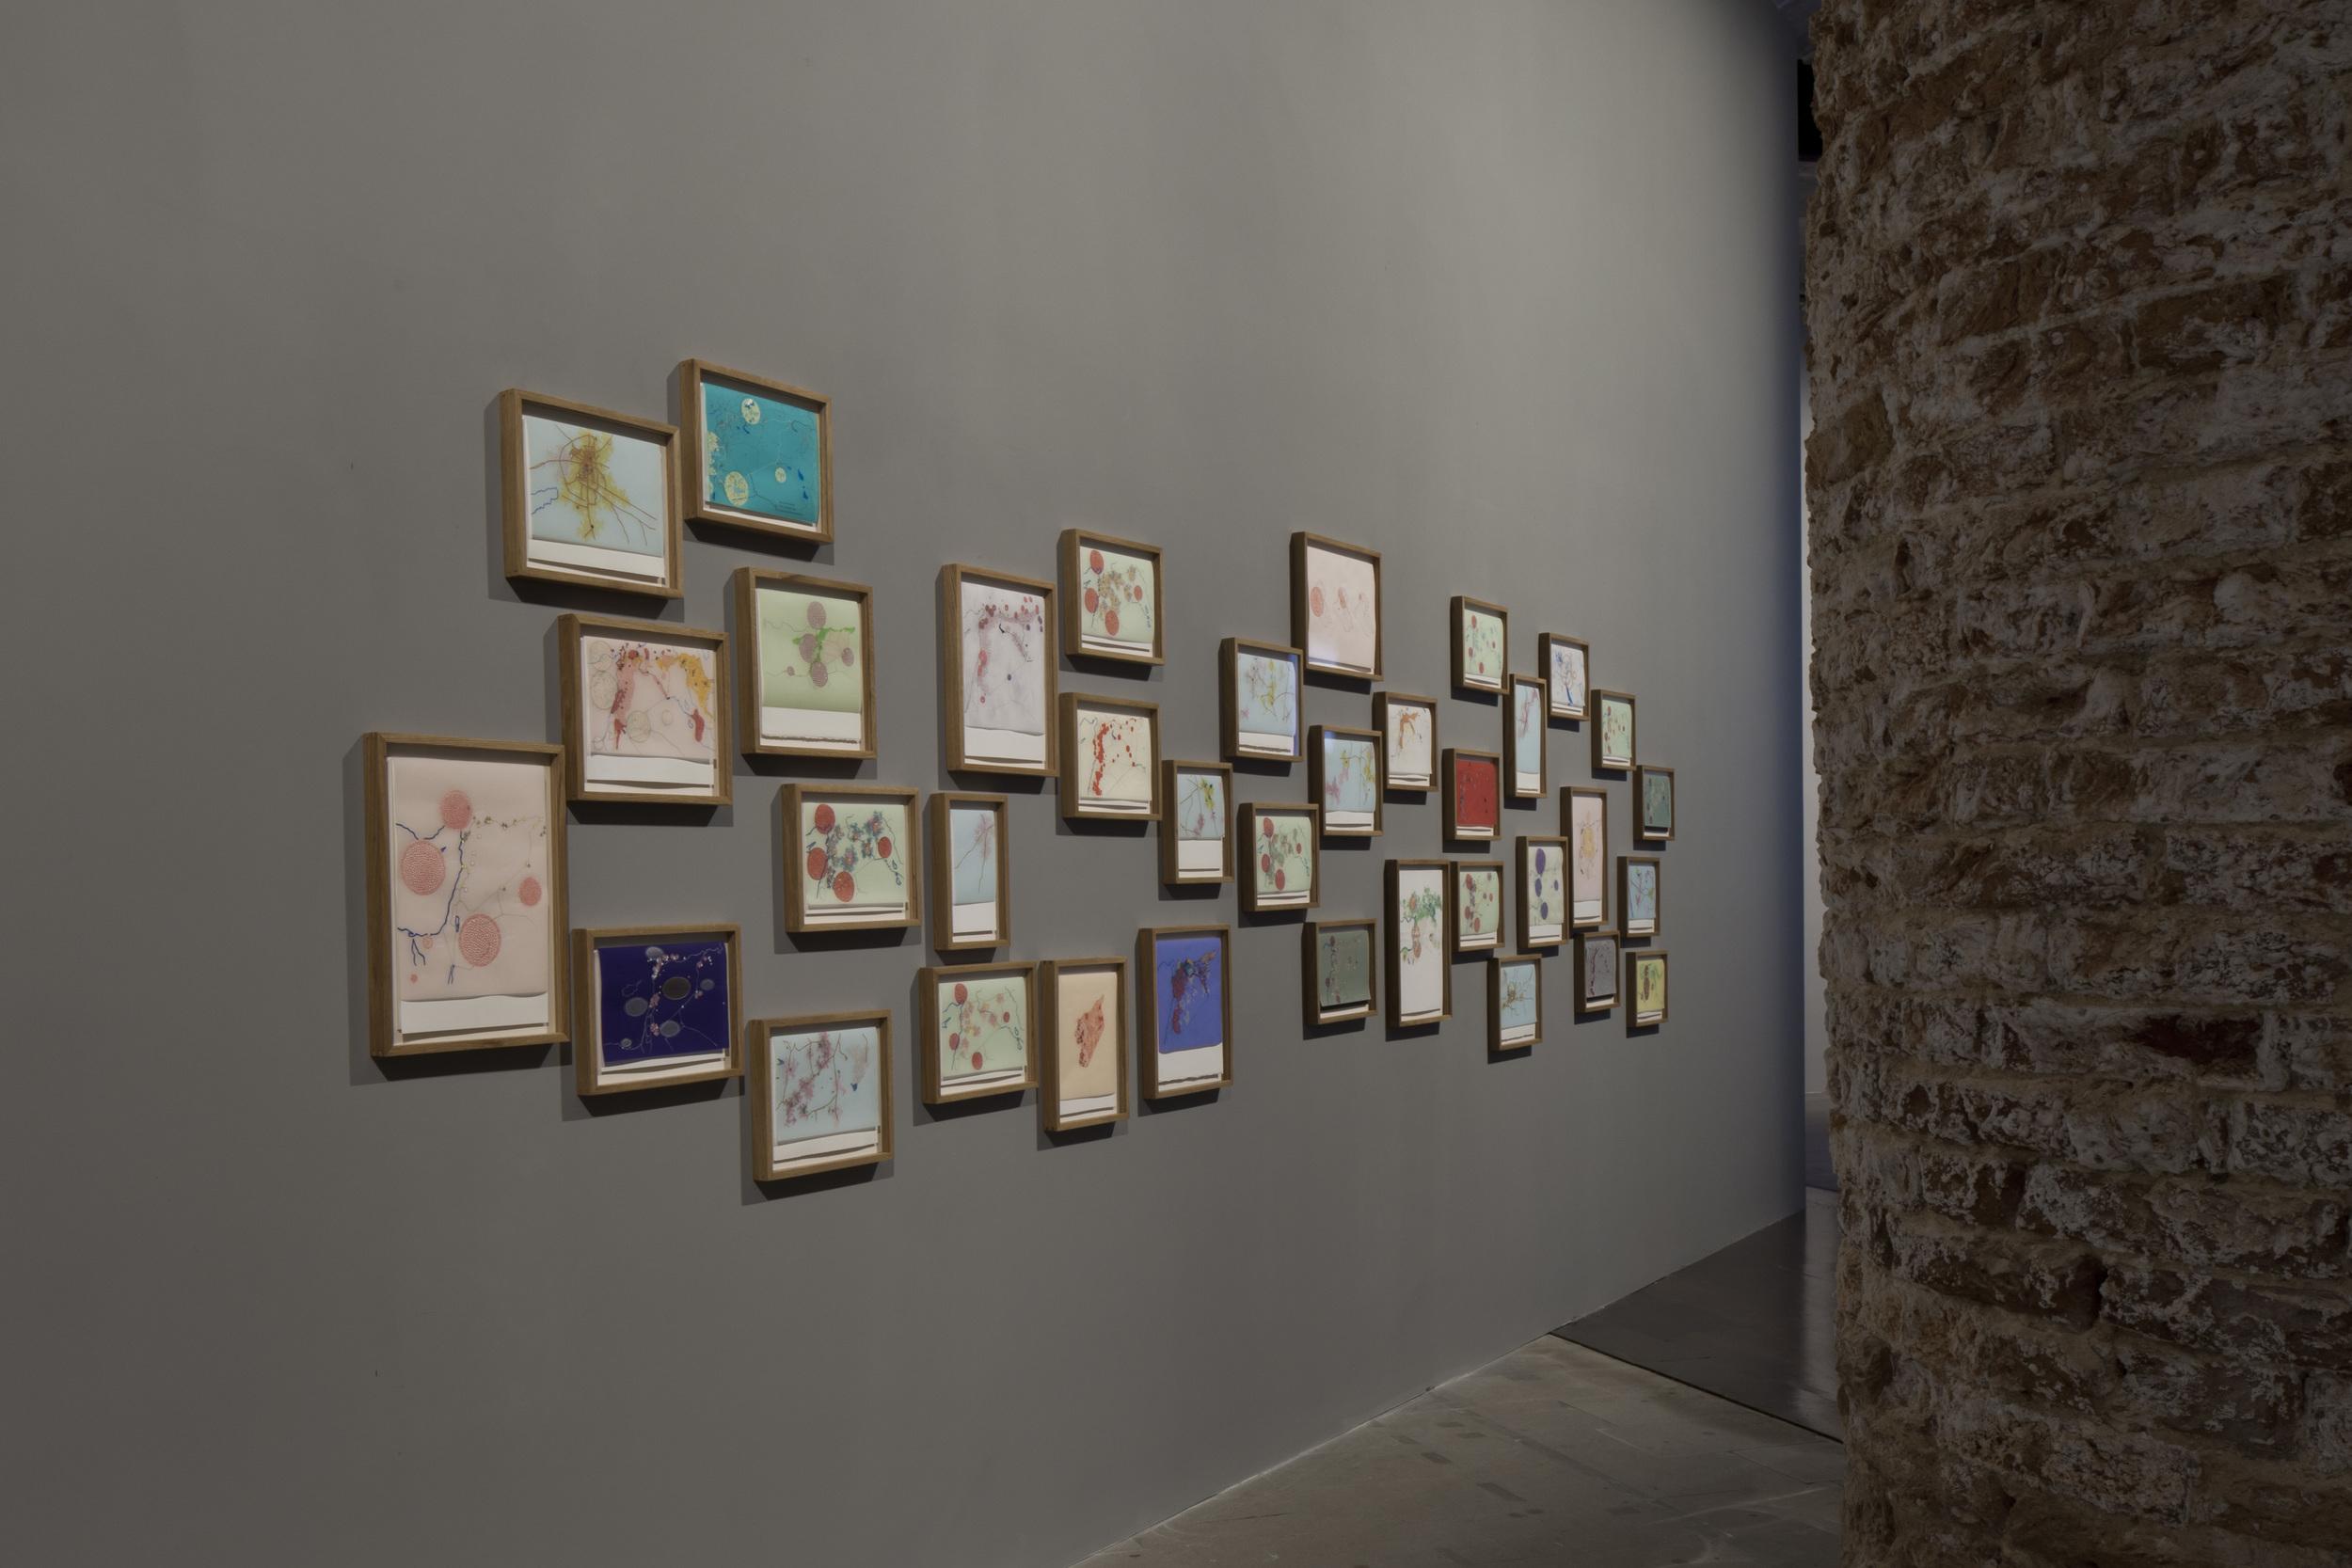 Tifany Chung  Photo by Alessandra Chemollo -Courtesy La Biennale di Venezia